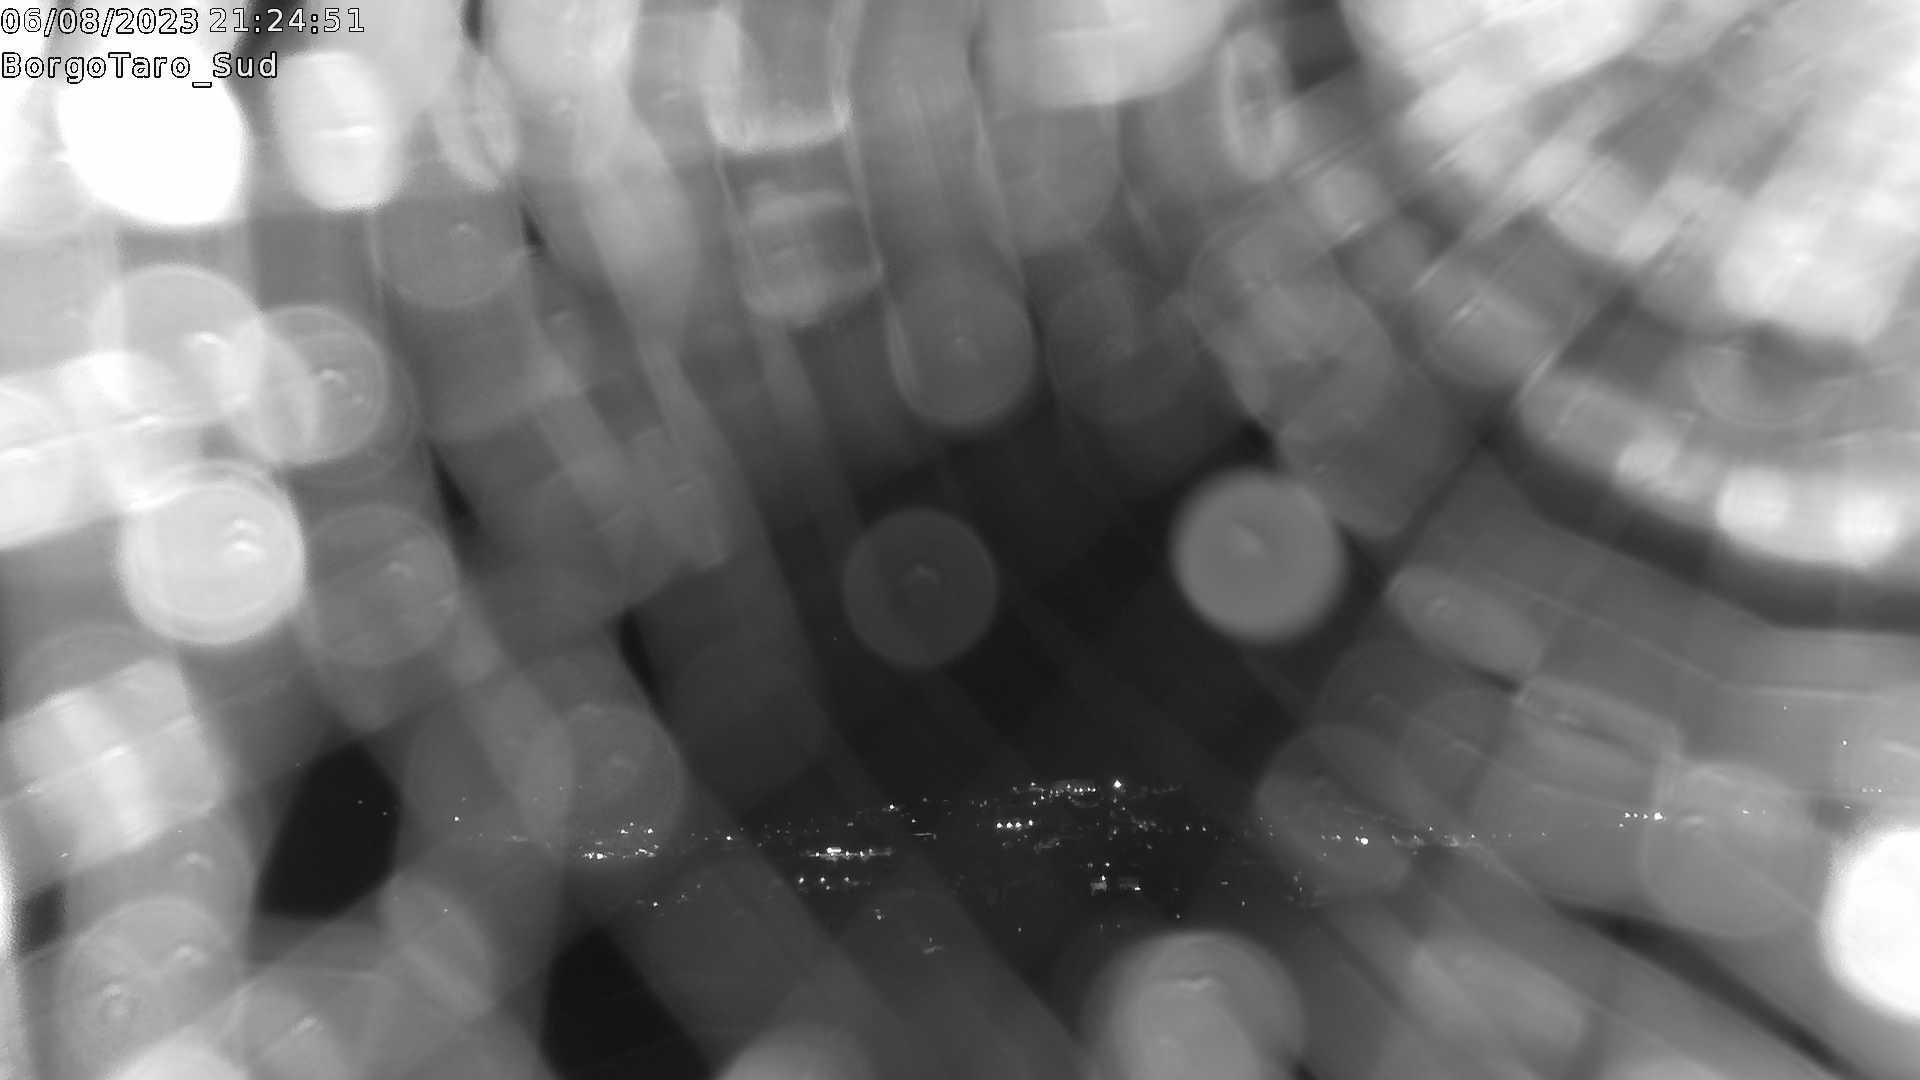 webcam borgotaro